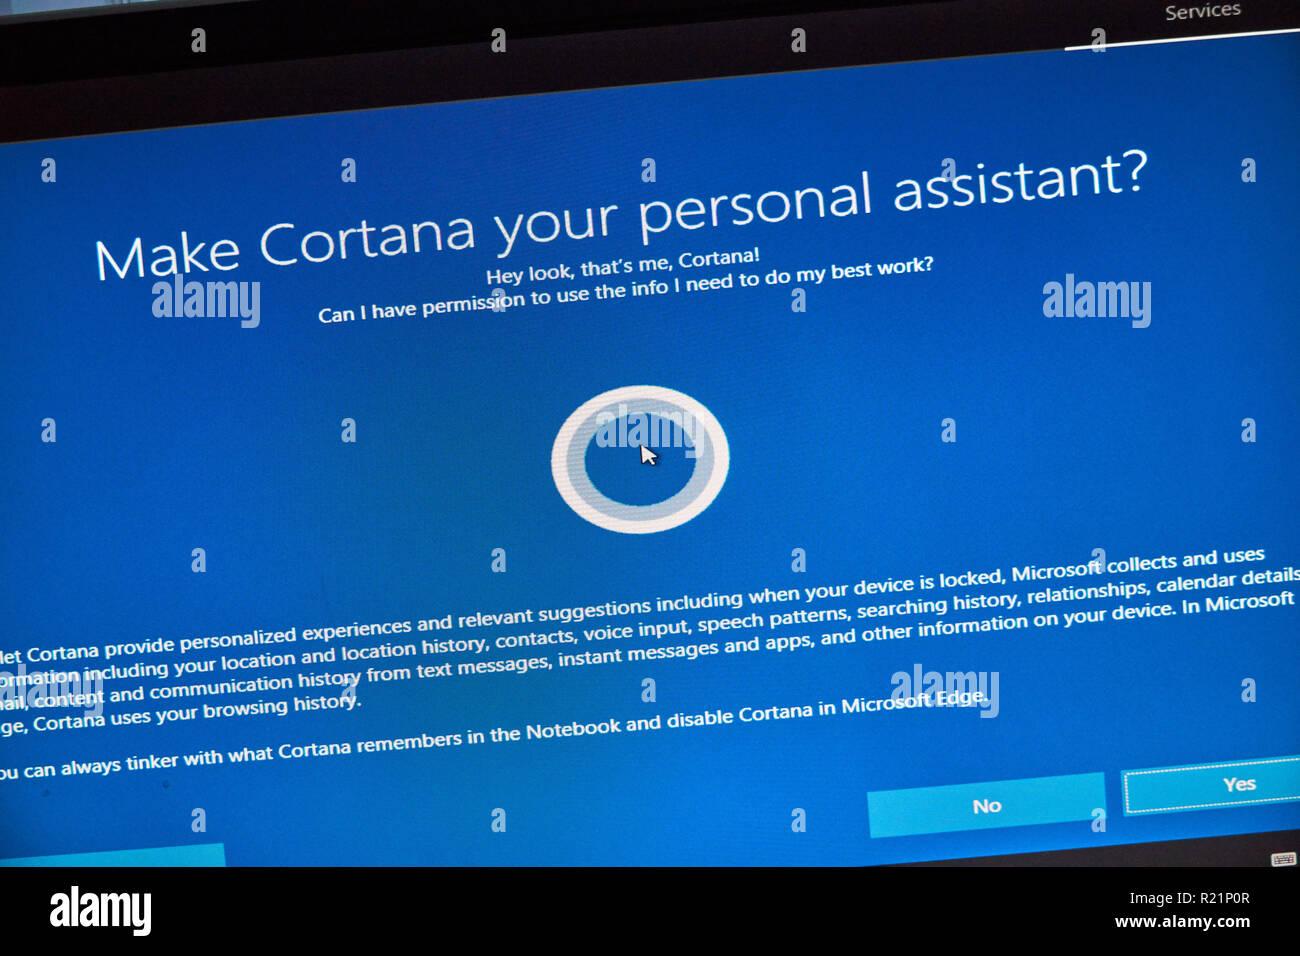 Cortana Stock Photos & Cortana Stock Images - Alamy